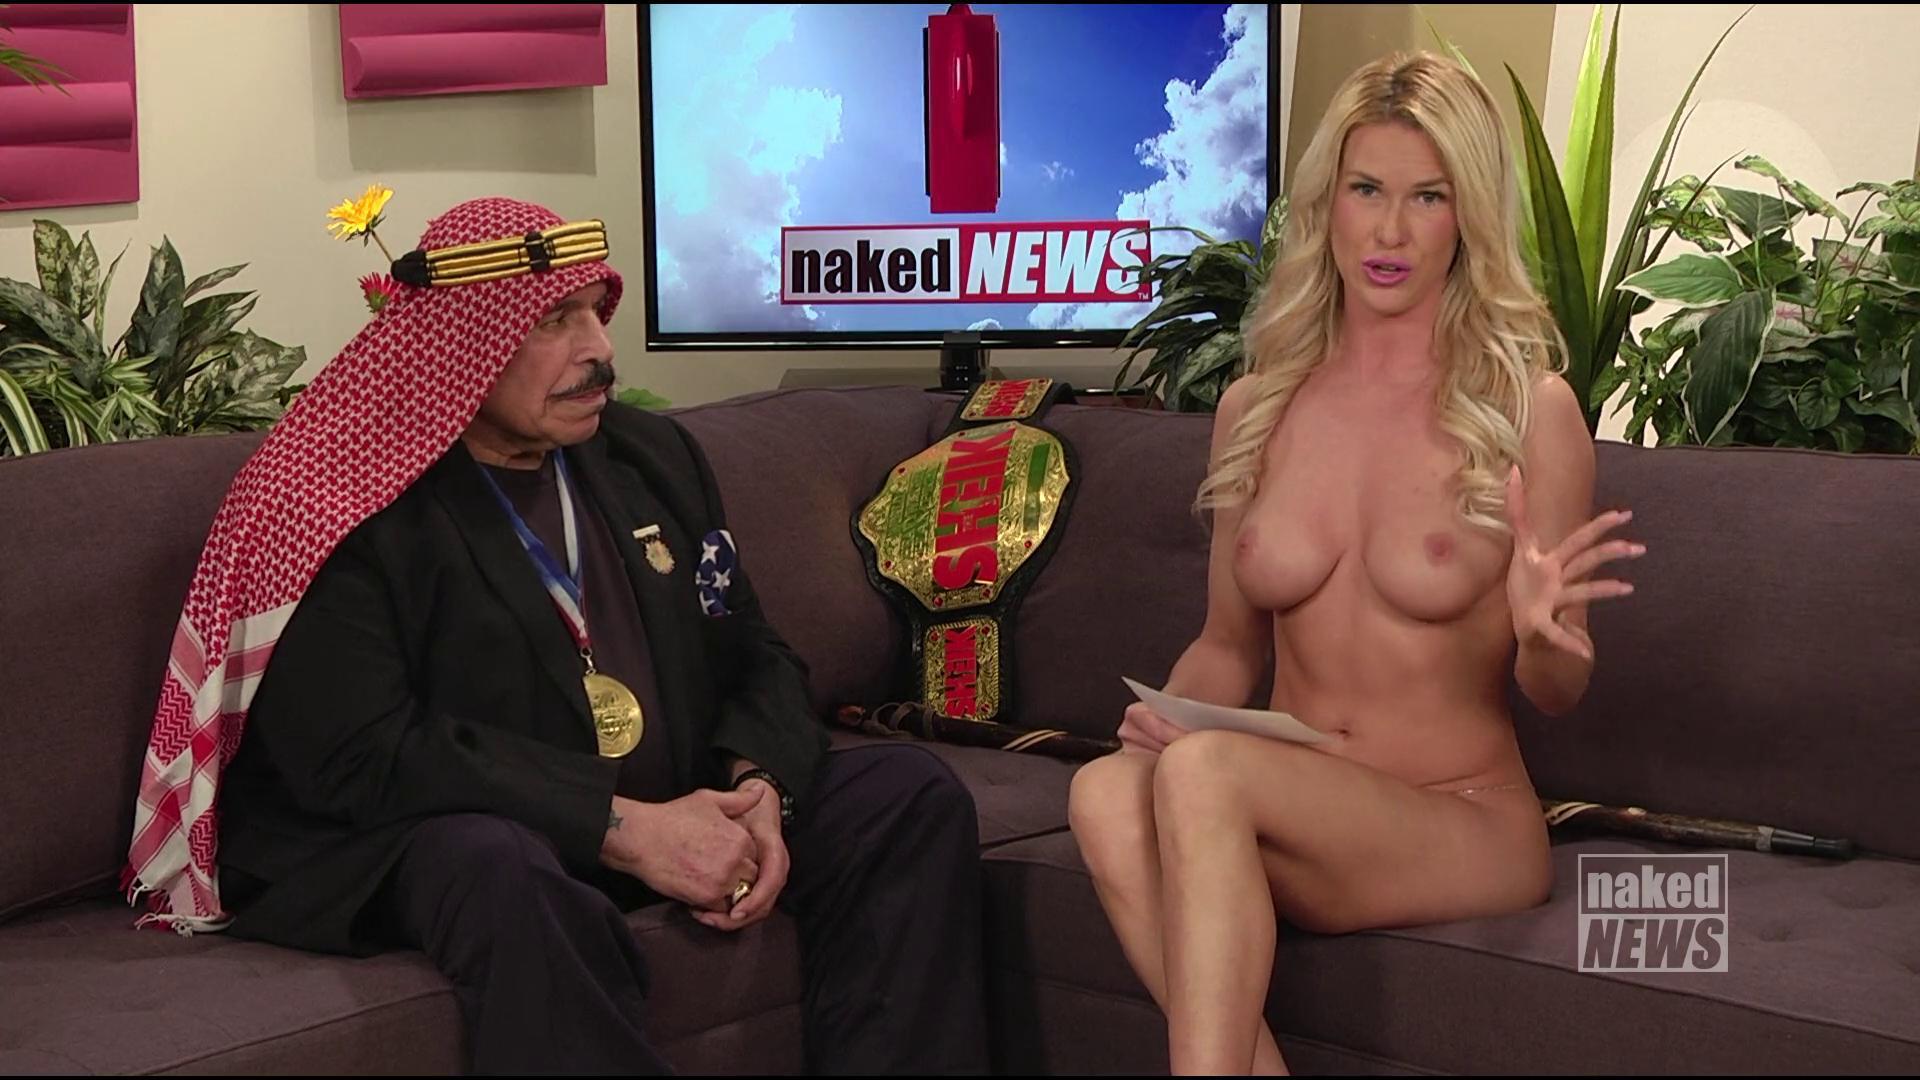 Holly weston naked news, ashely benson naked fucking